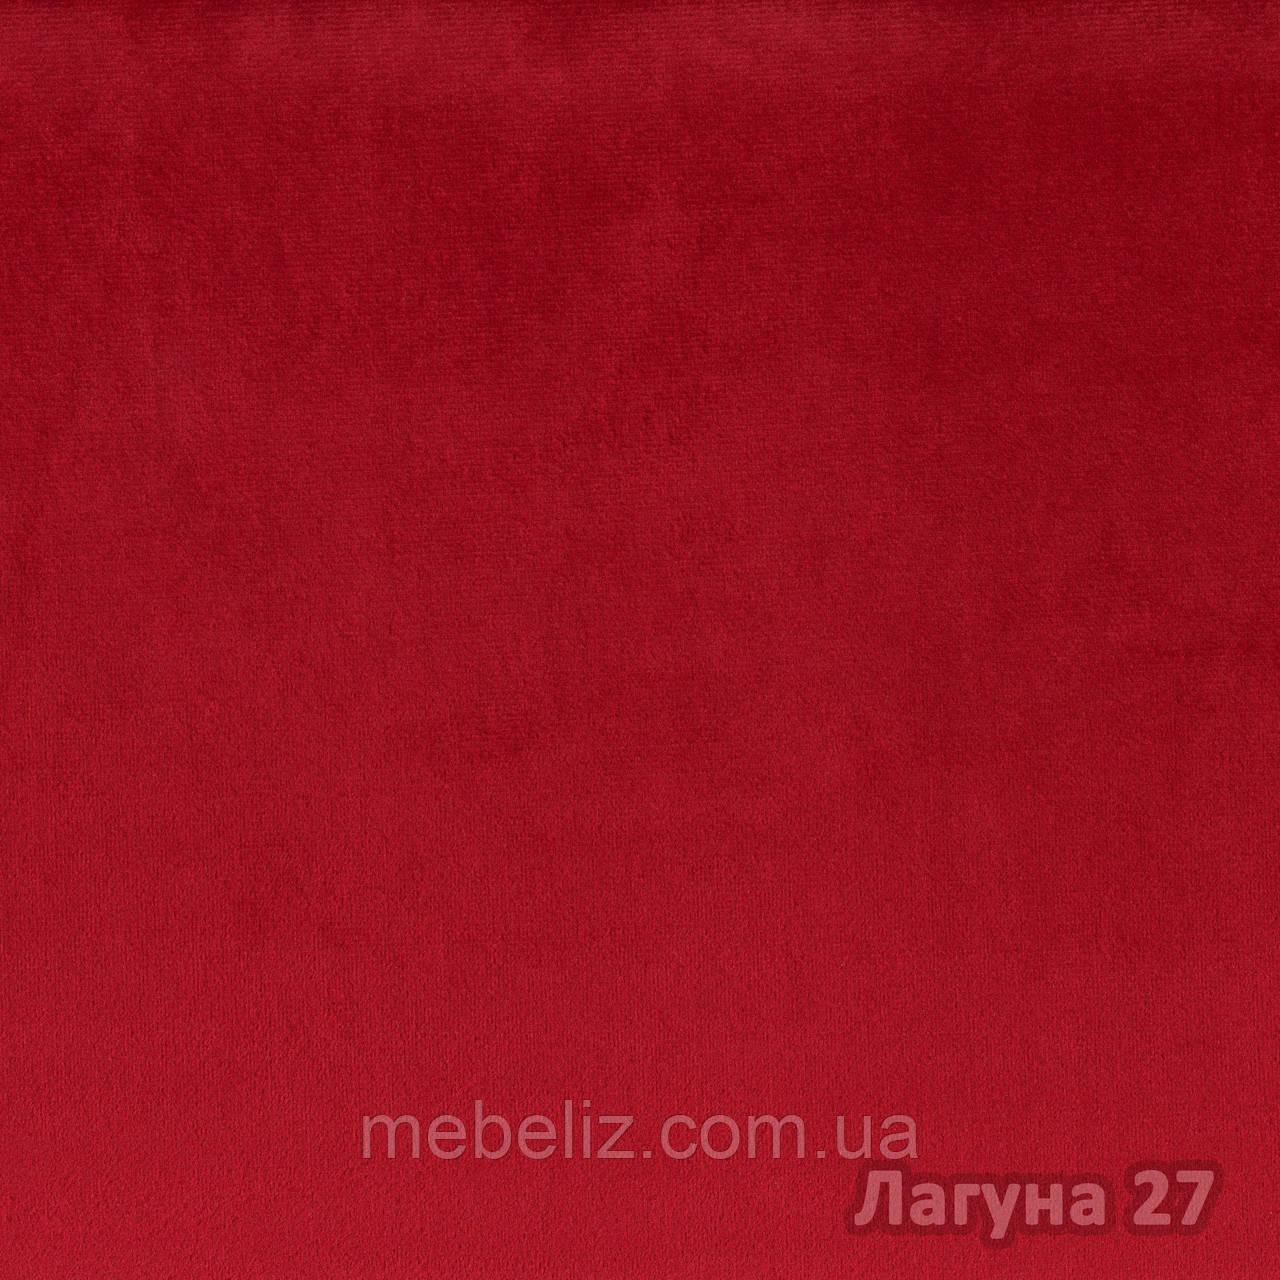 Ткань мебельная обивочная Лагуна 27